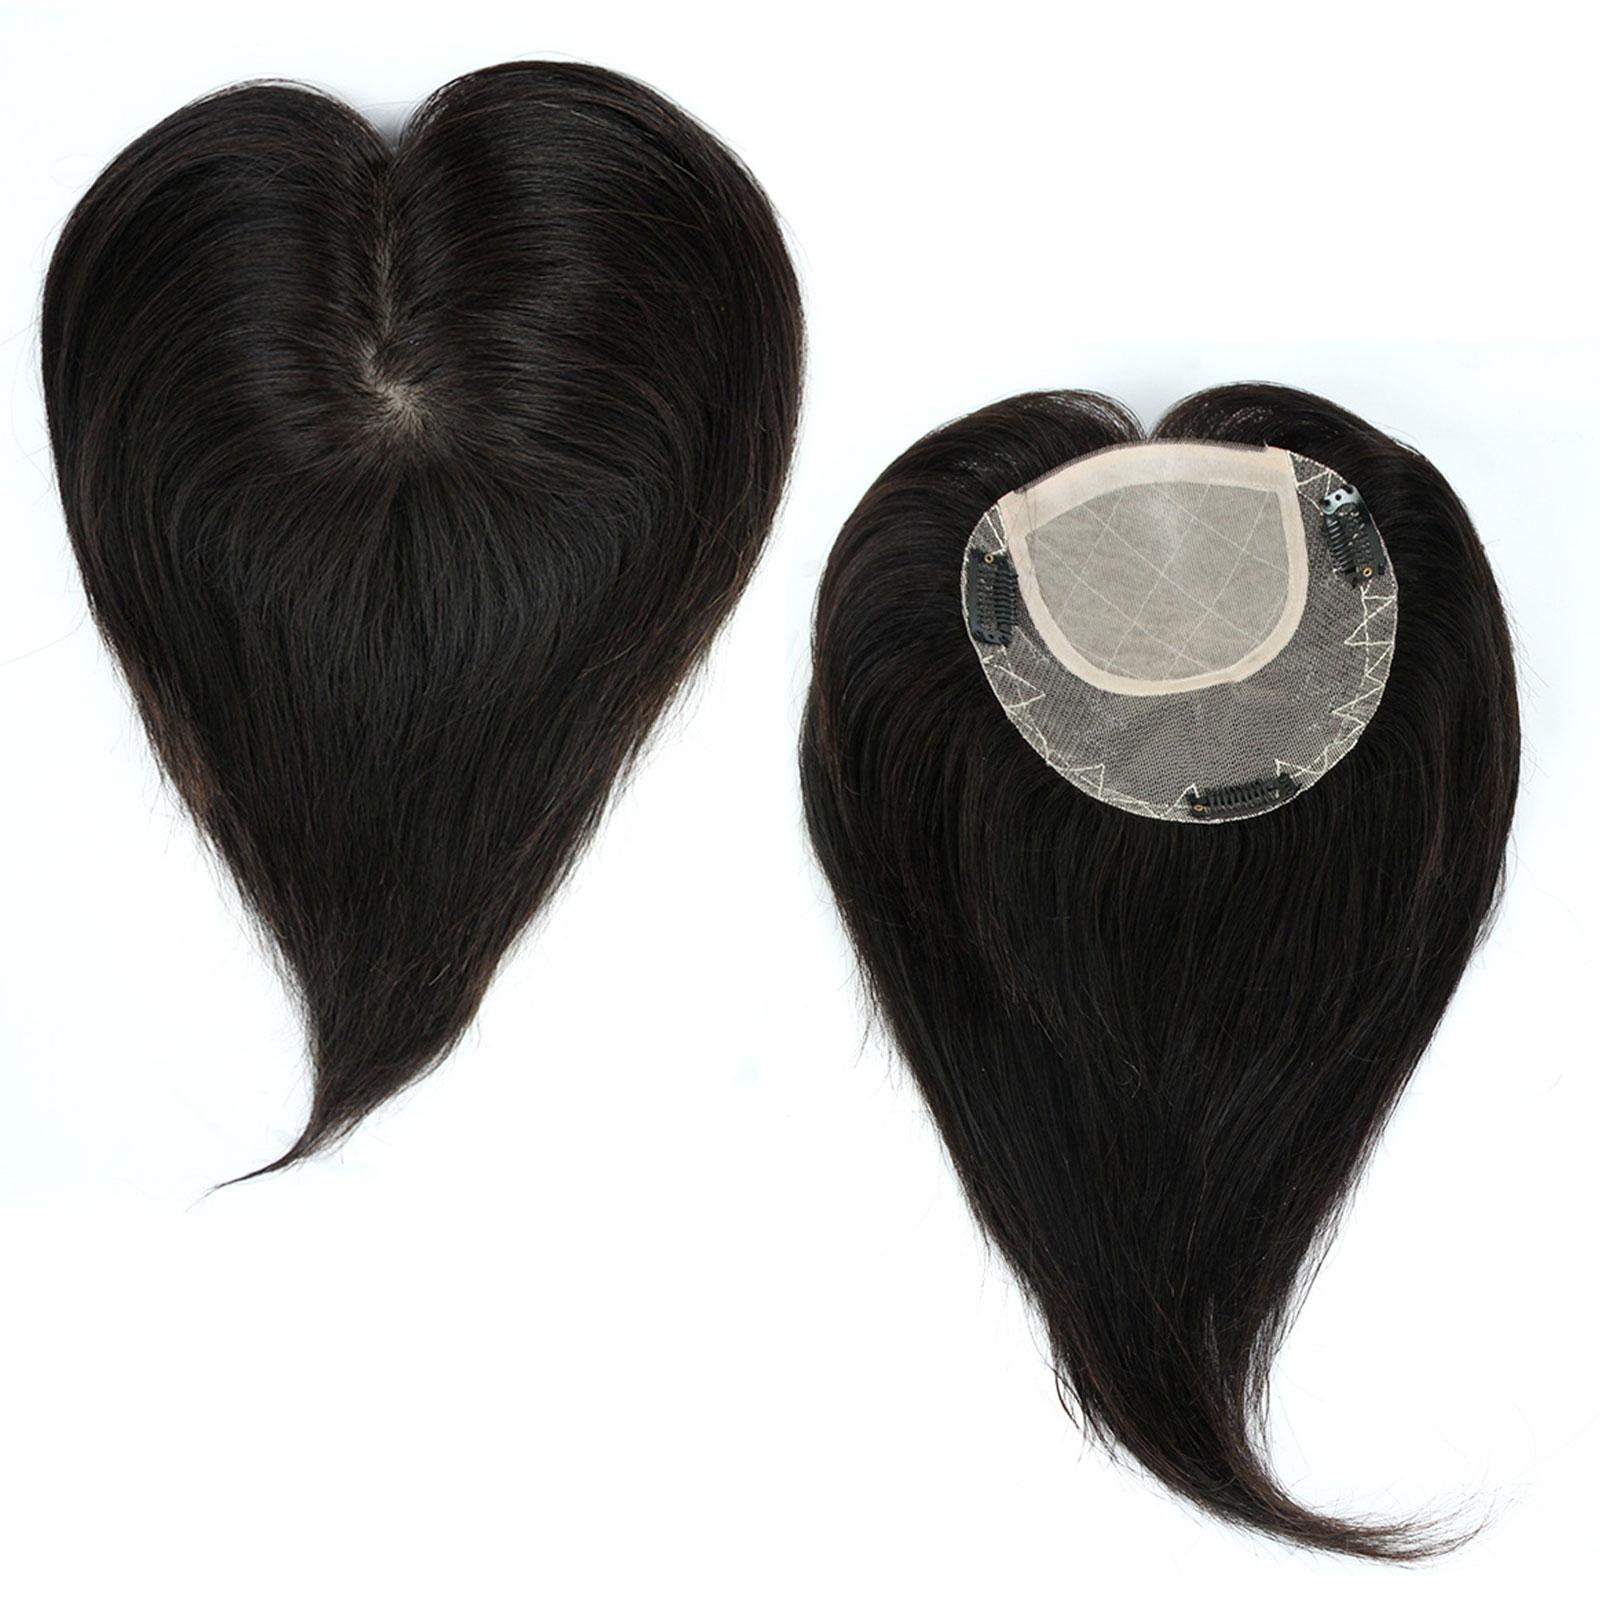 內網約15X14公分 髮長約30公分 100%真髮微增髮輕量補髮塊 女仕【RT36】☆雙兒網☆